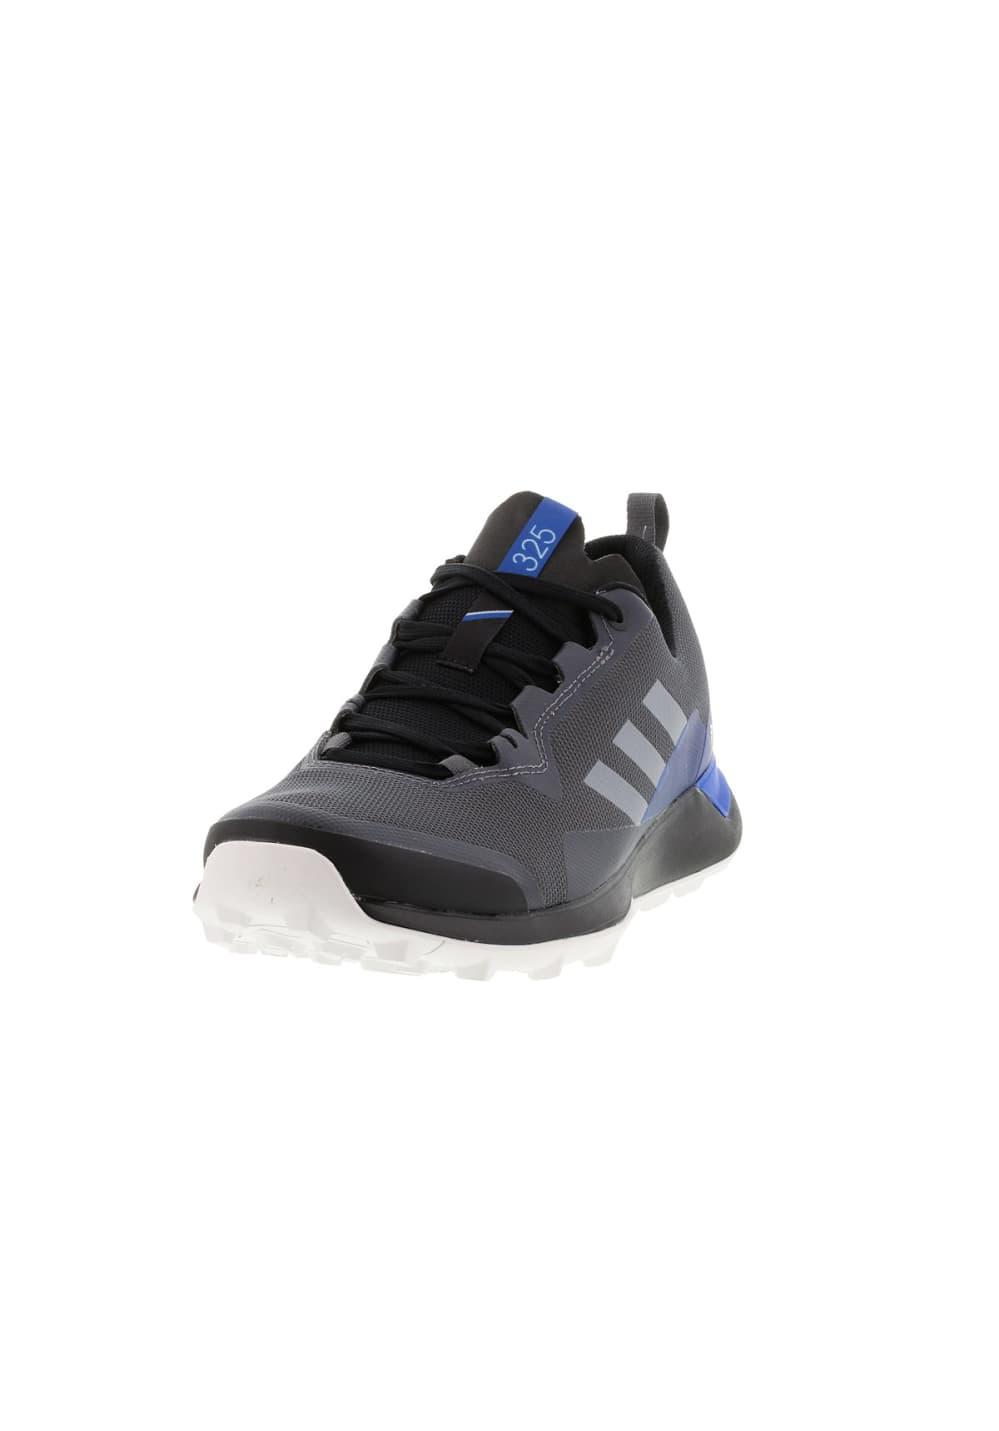 bf36876a005 adidas TERREX Terrex Cmtk Gtx - Outdoor shoes for Men - Grey